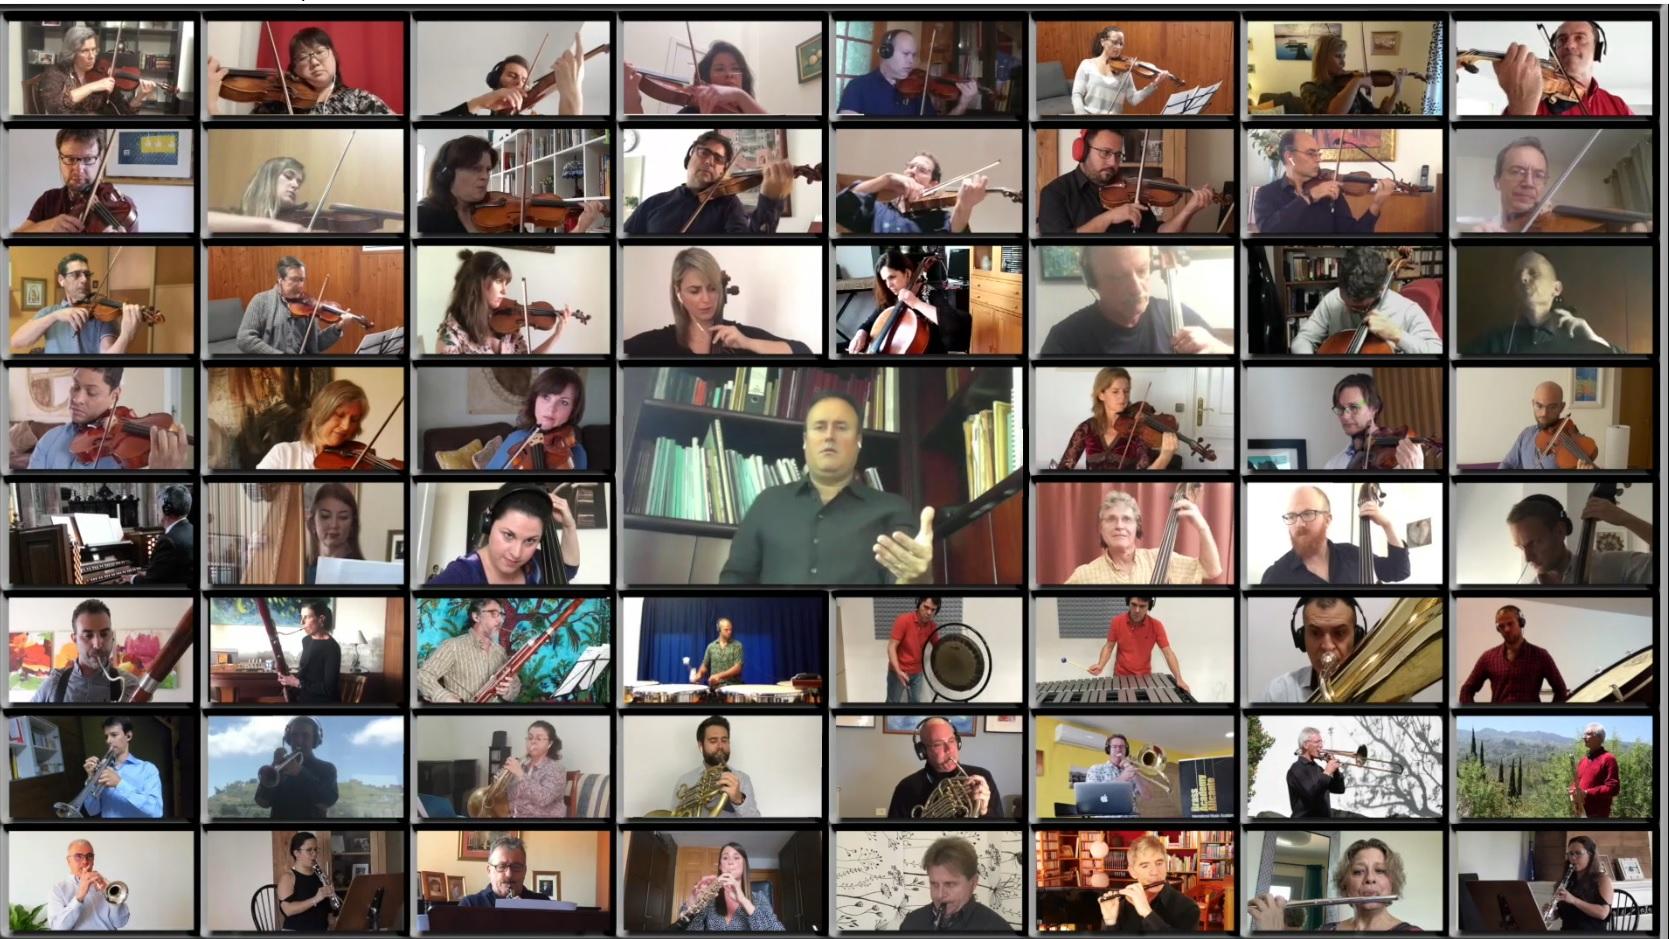 La Orquesta Filarmónica de Gran Canaria realiza un video viral desde casa